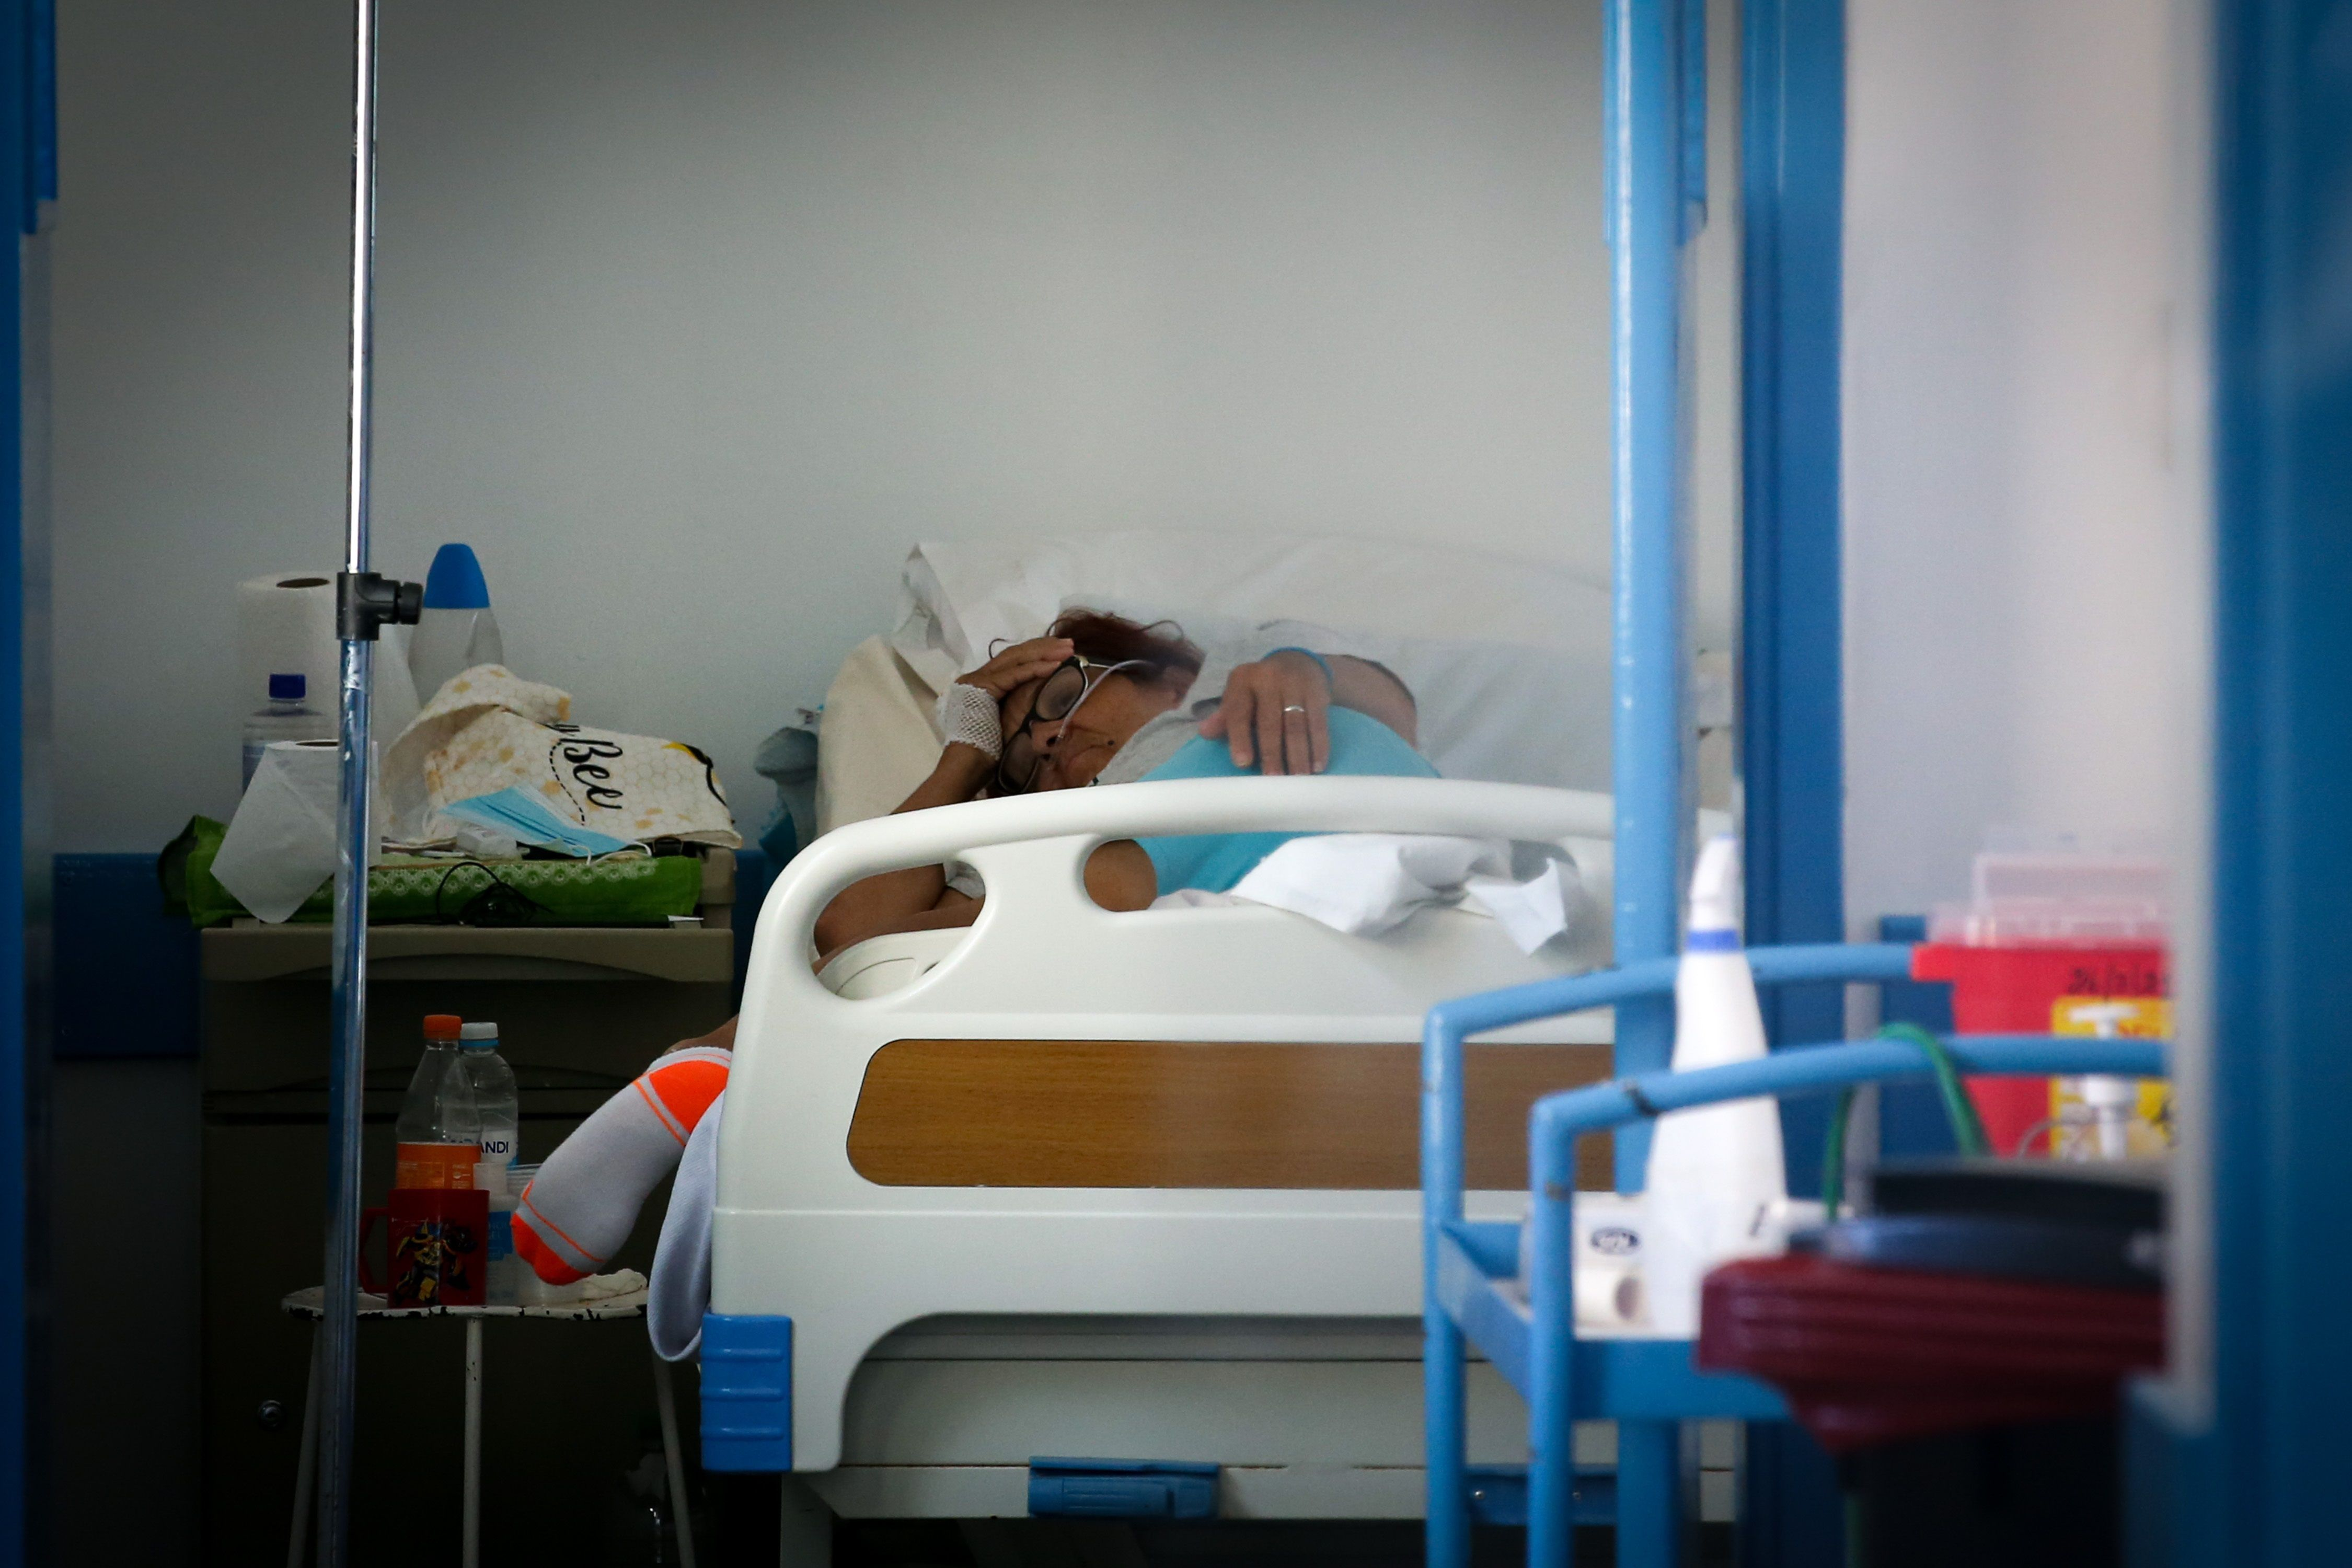 Los duelos por haber perdido seres queridos y el temor a contagiarse son otros de los factores que llevan al insomnio durante la pandemia/ EFE/ Raúl Martínez/Archivo